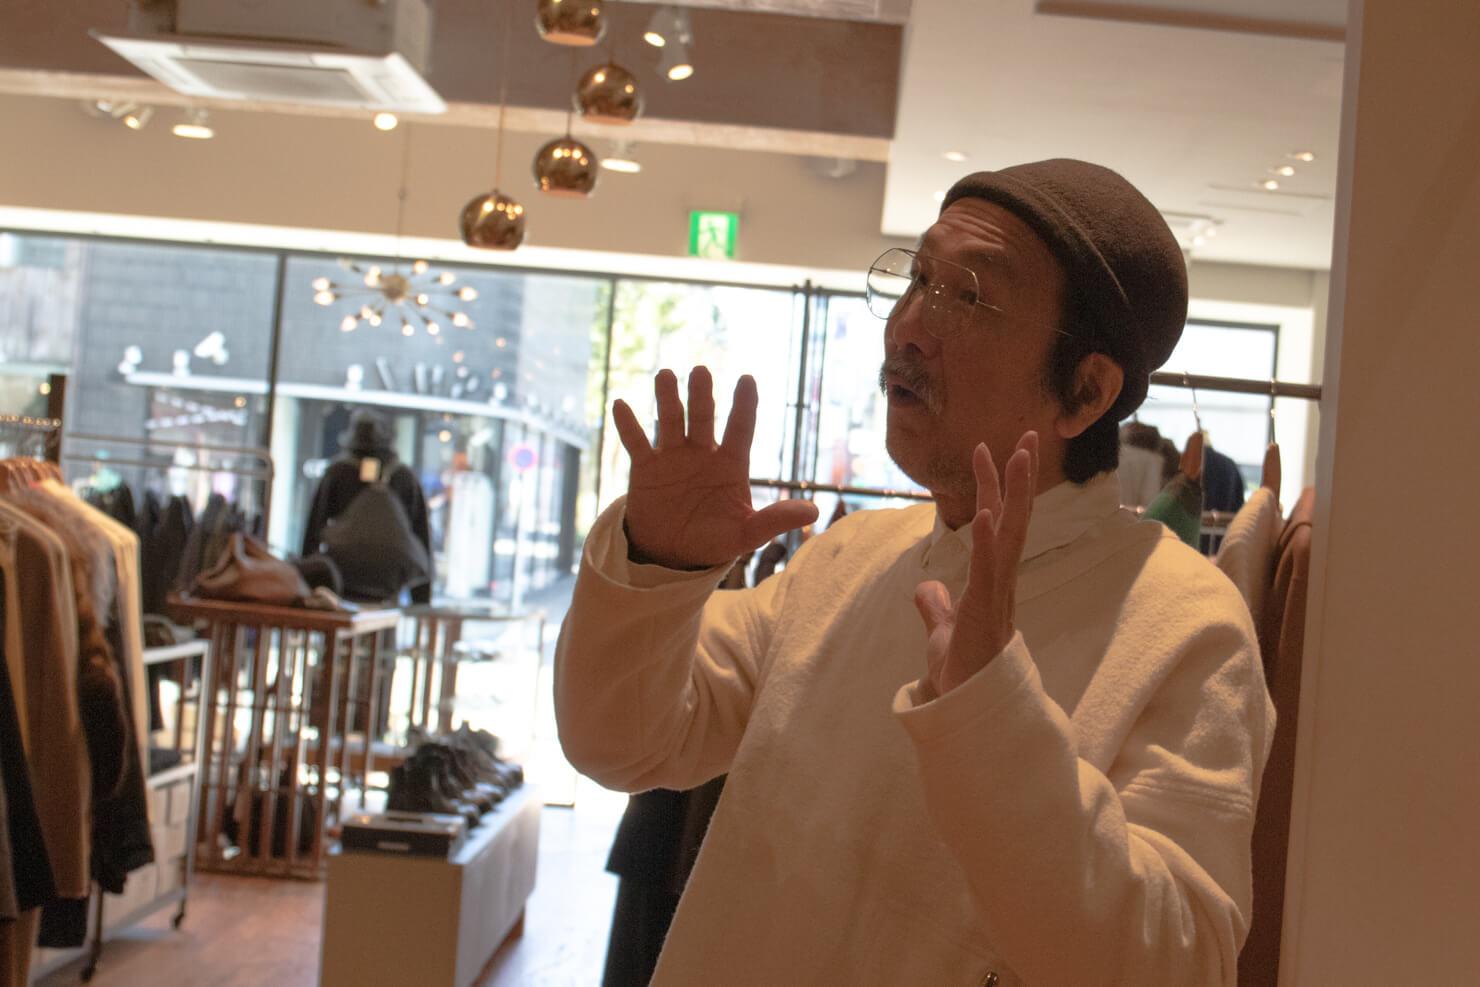 浅田さんのポーズが笑える写真